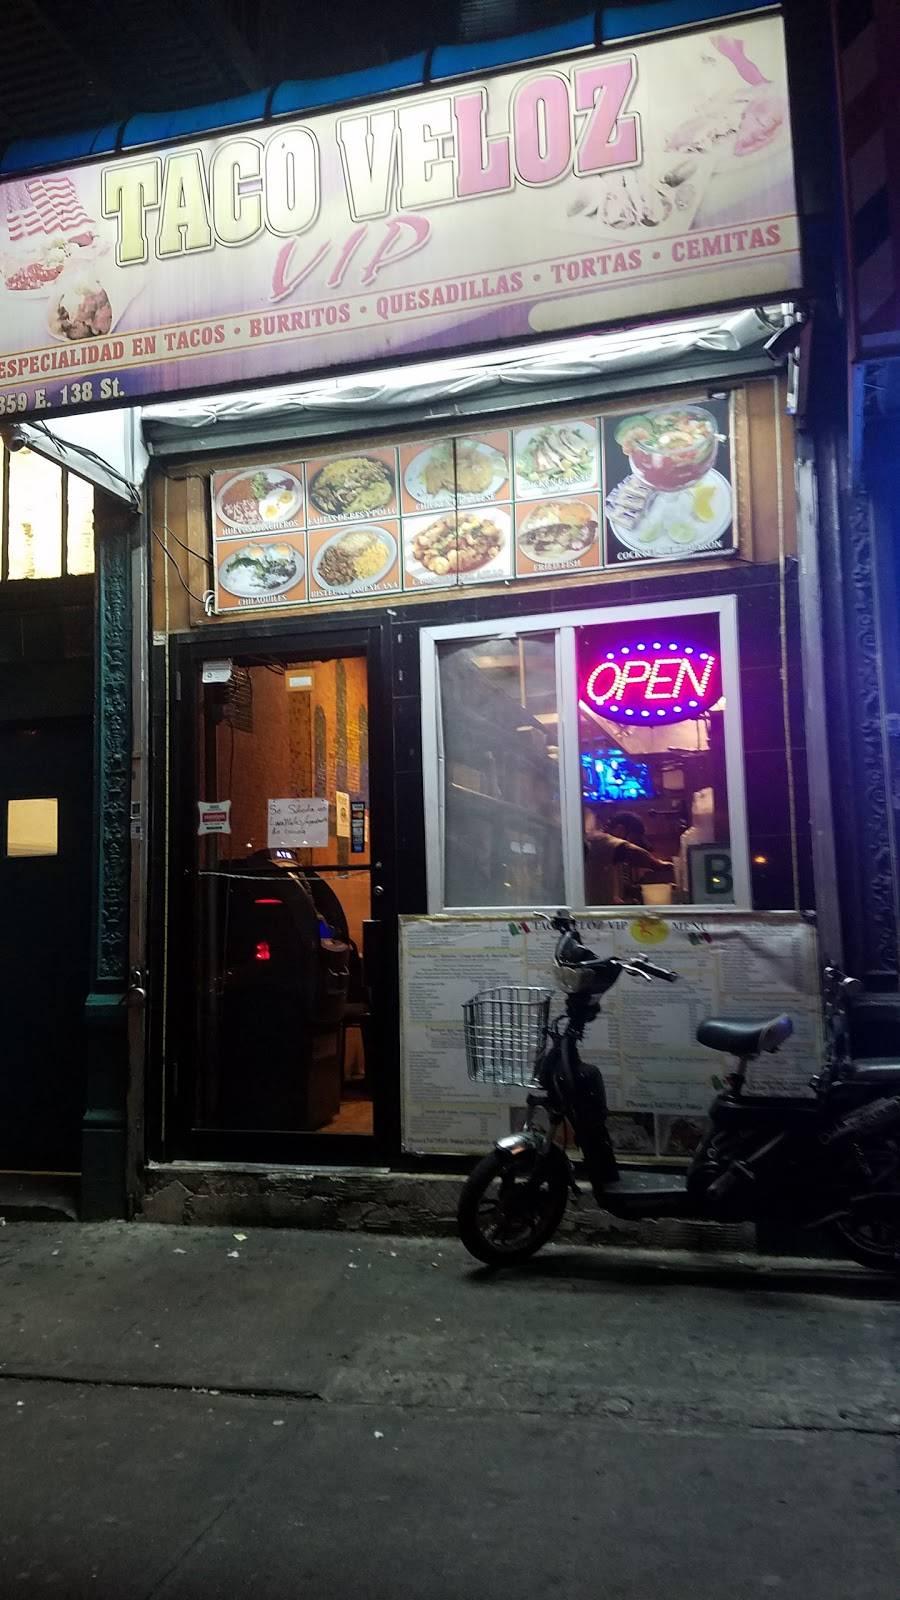 Taco Veloz VIP   restaurant   359 E 138th St, Bronx, NY 10454, USA   3479189466 OR +1 347-918-9466